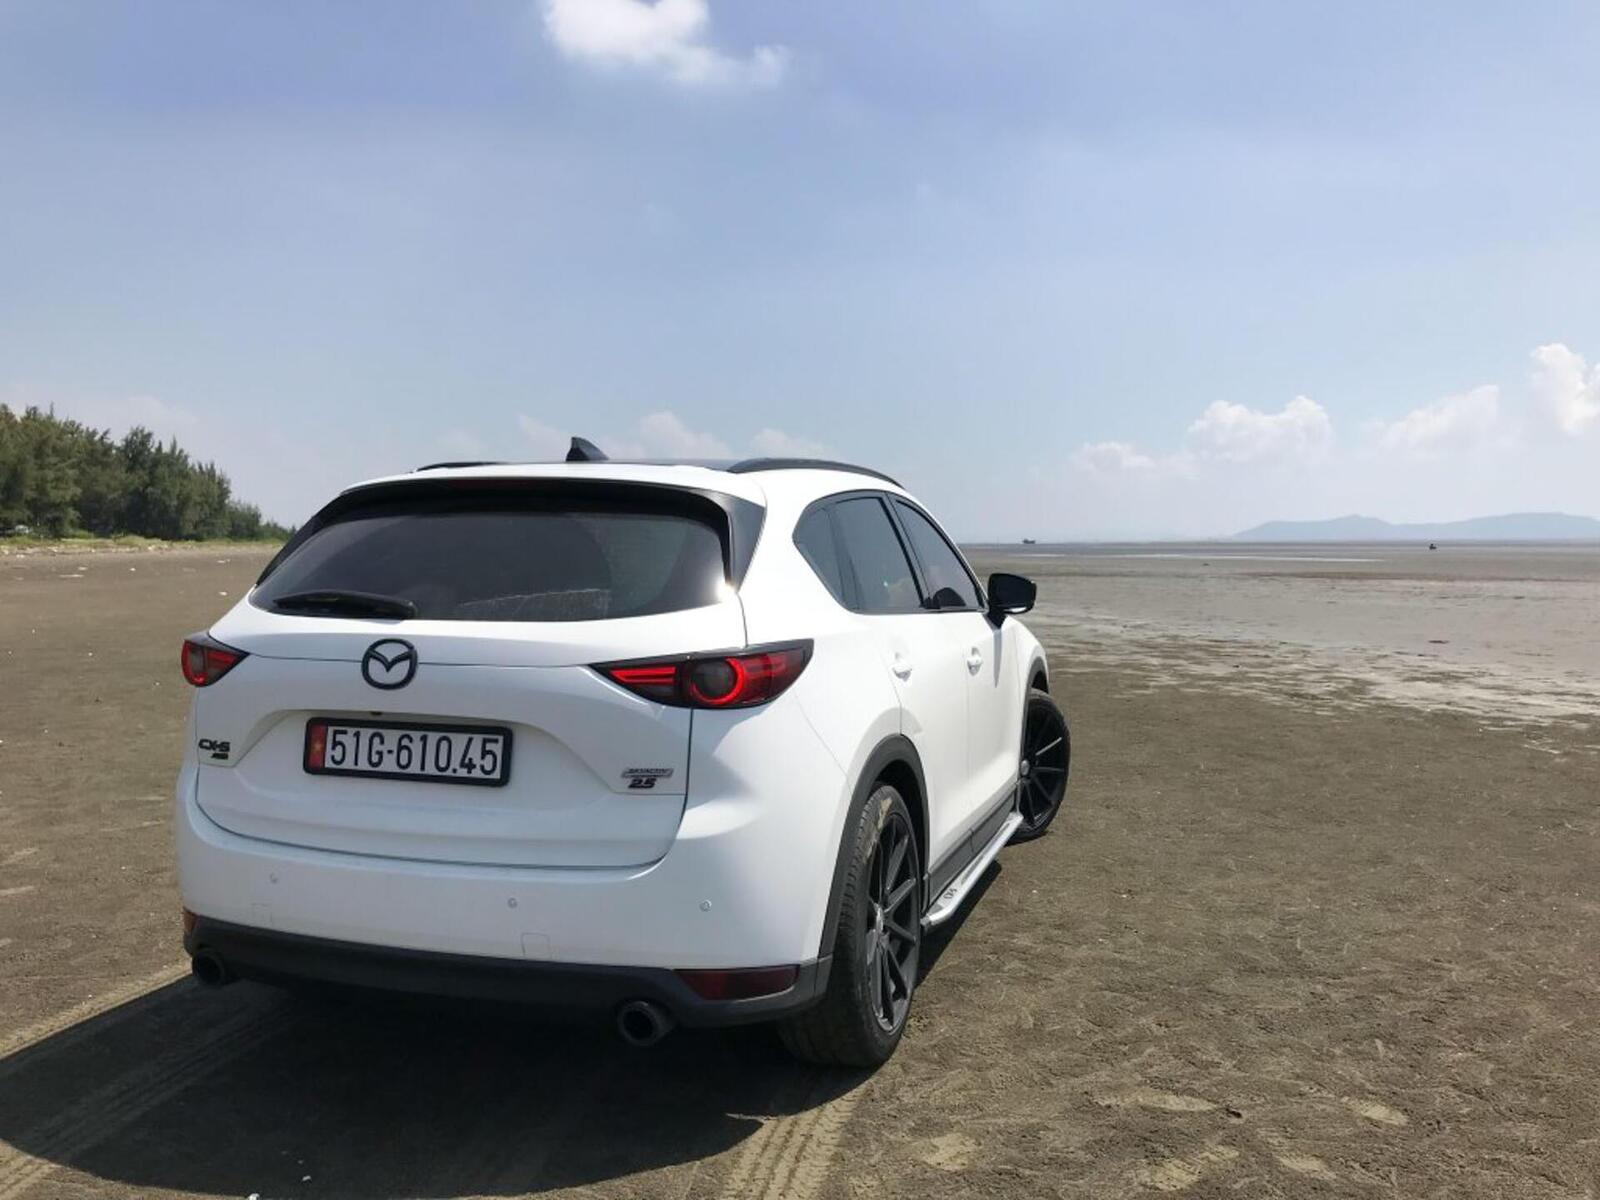 Trang điểm nhẹ cho Mazda CX-5 - Hình 5